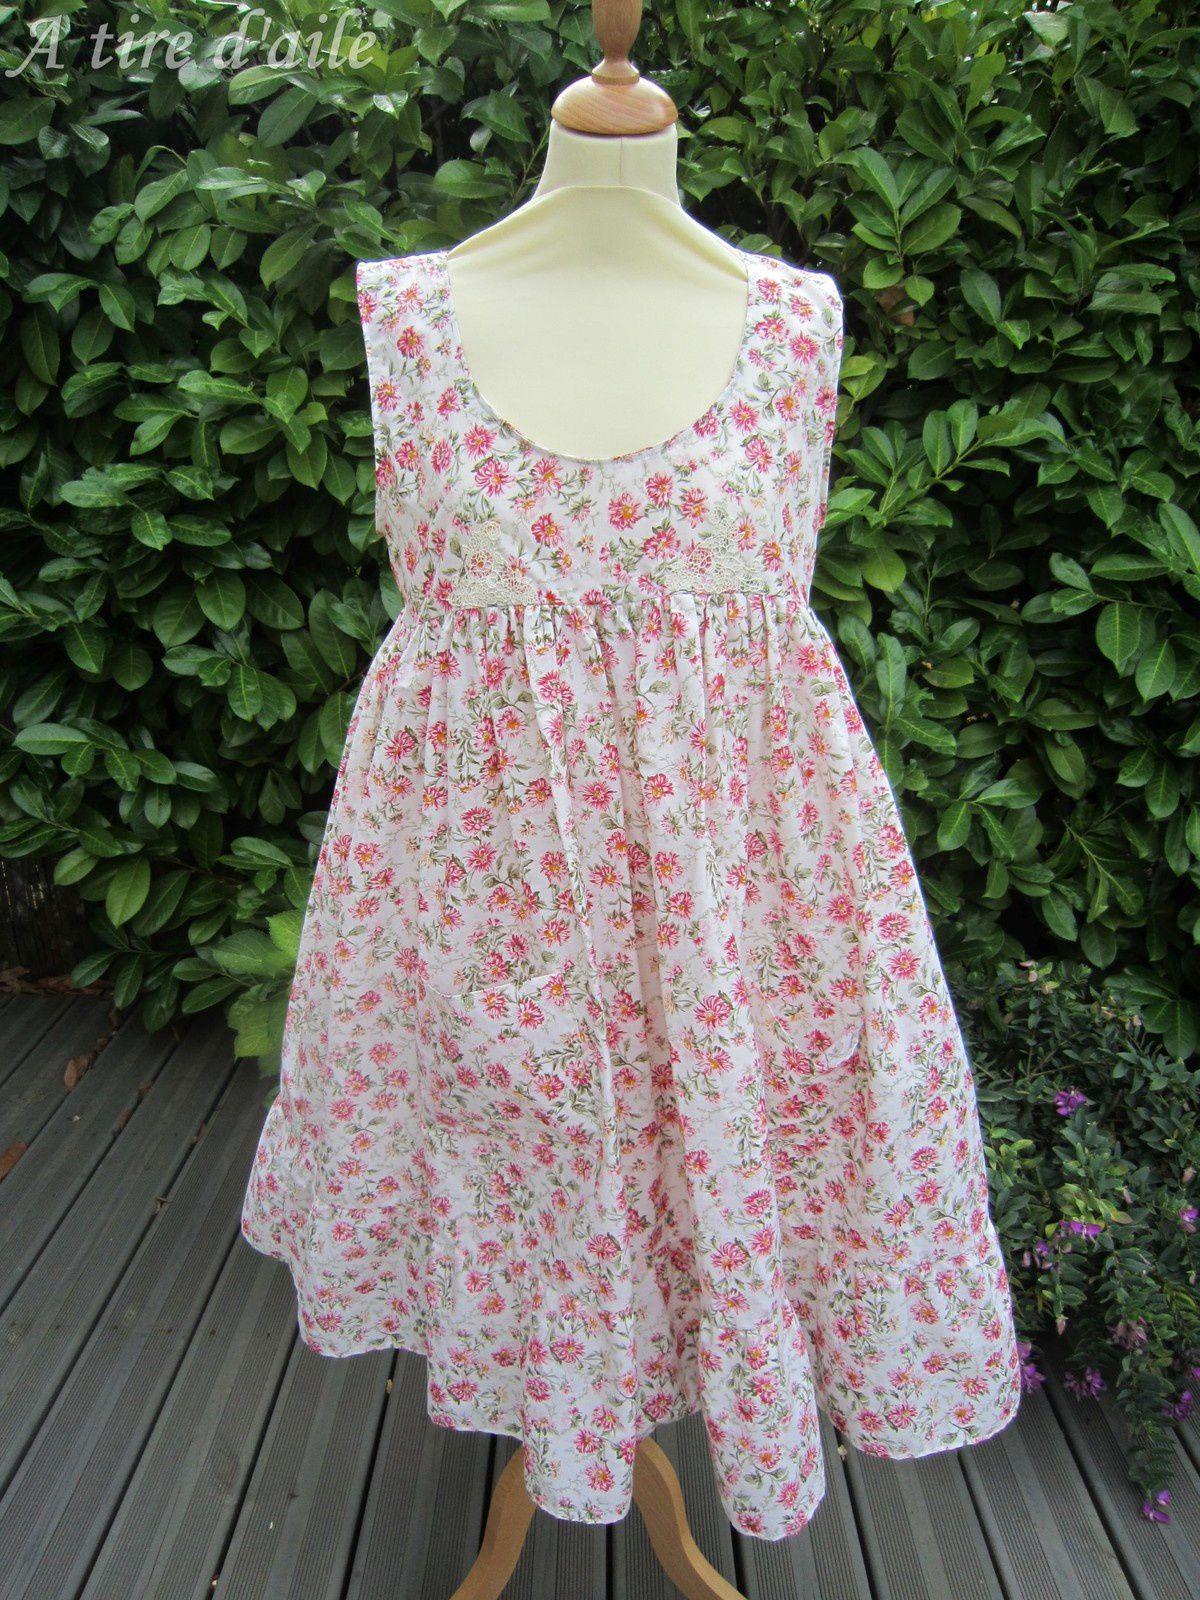 La robe sera en vente sous forme de kit prochainement. La boutique sera au nom d'A-tire-d-aile, sur A litte mercerie, à la rubrique couture, puis kits.